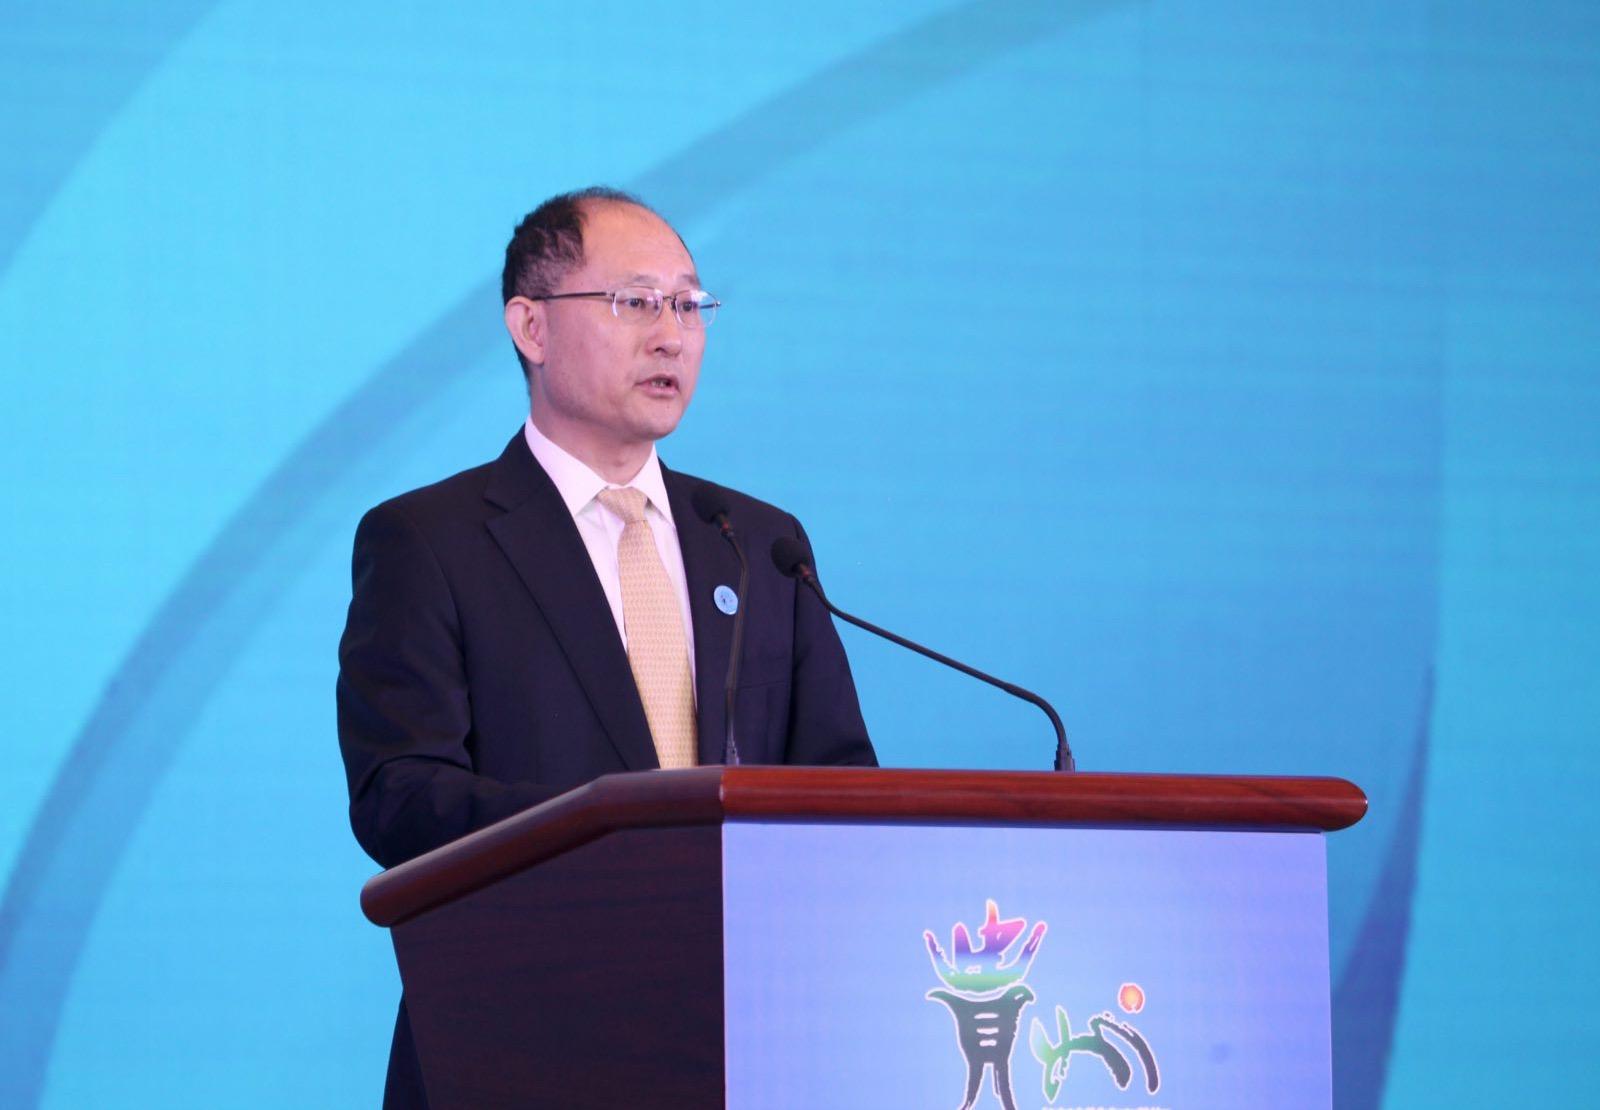 中国贸促会卢鹏起:展会功能作用和品牌影响力进一步放大